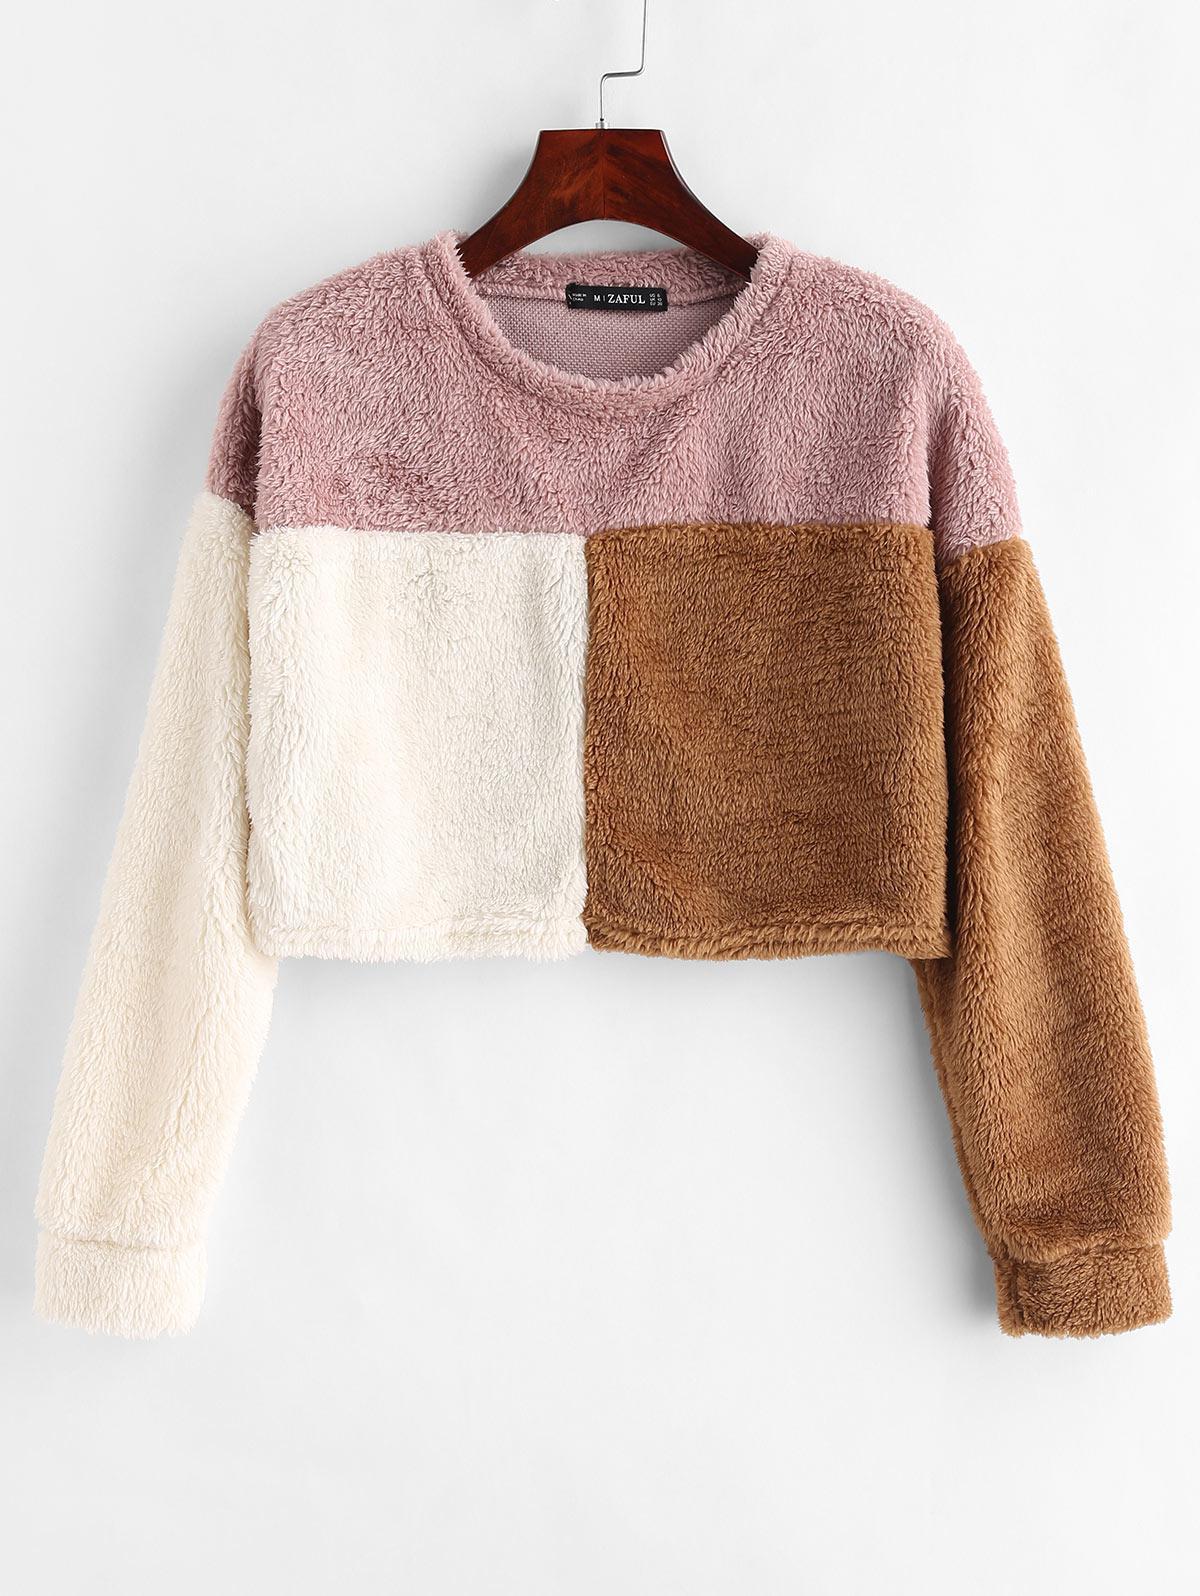 ZAFUL Three Tone Crop Fluffy Sweatshirt фото